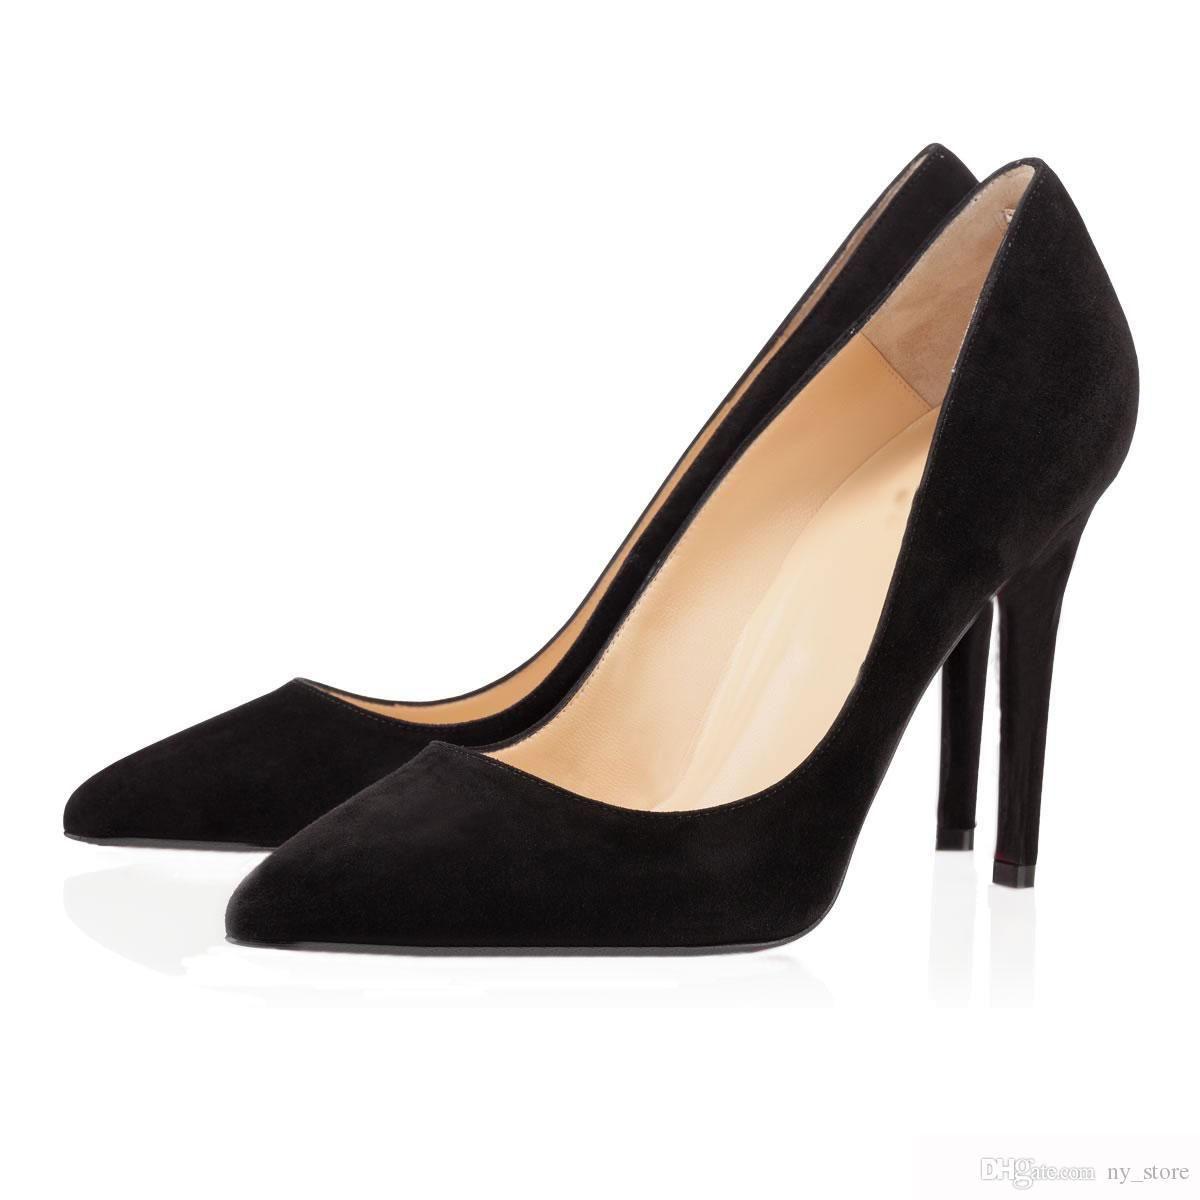 Top Designer Mulheres Salto Red Bottoms Bombas Salto Alto preta nu dedos apontados Rodada parte inferior vermelha Dress Shoes casamento 35-42